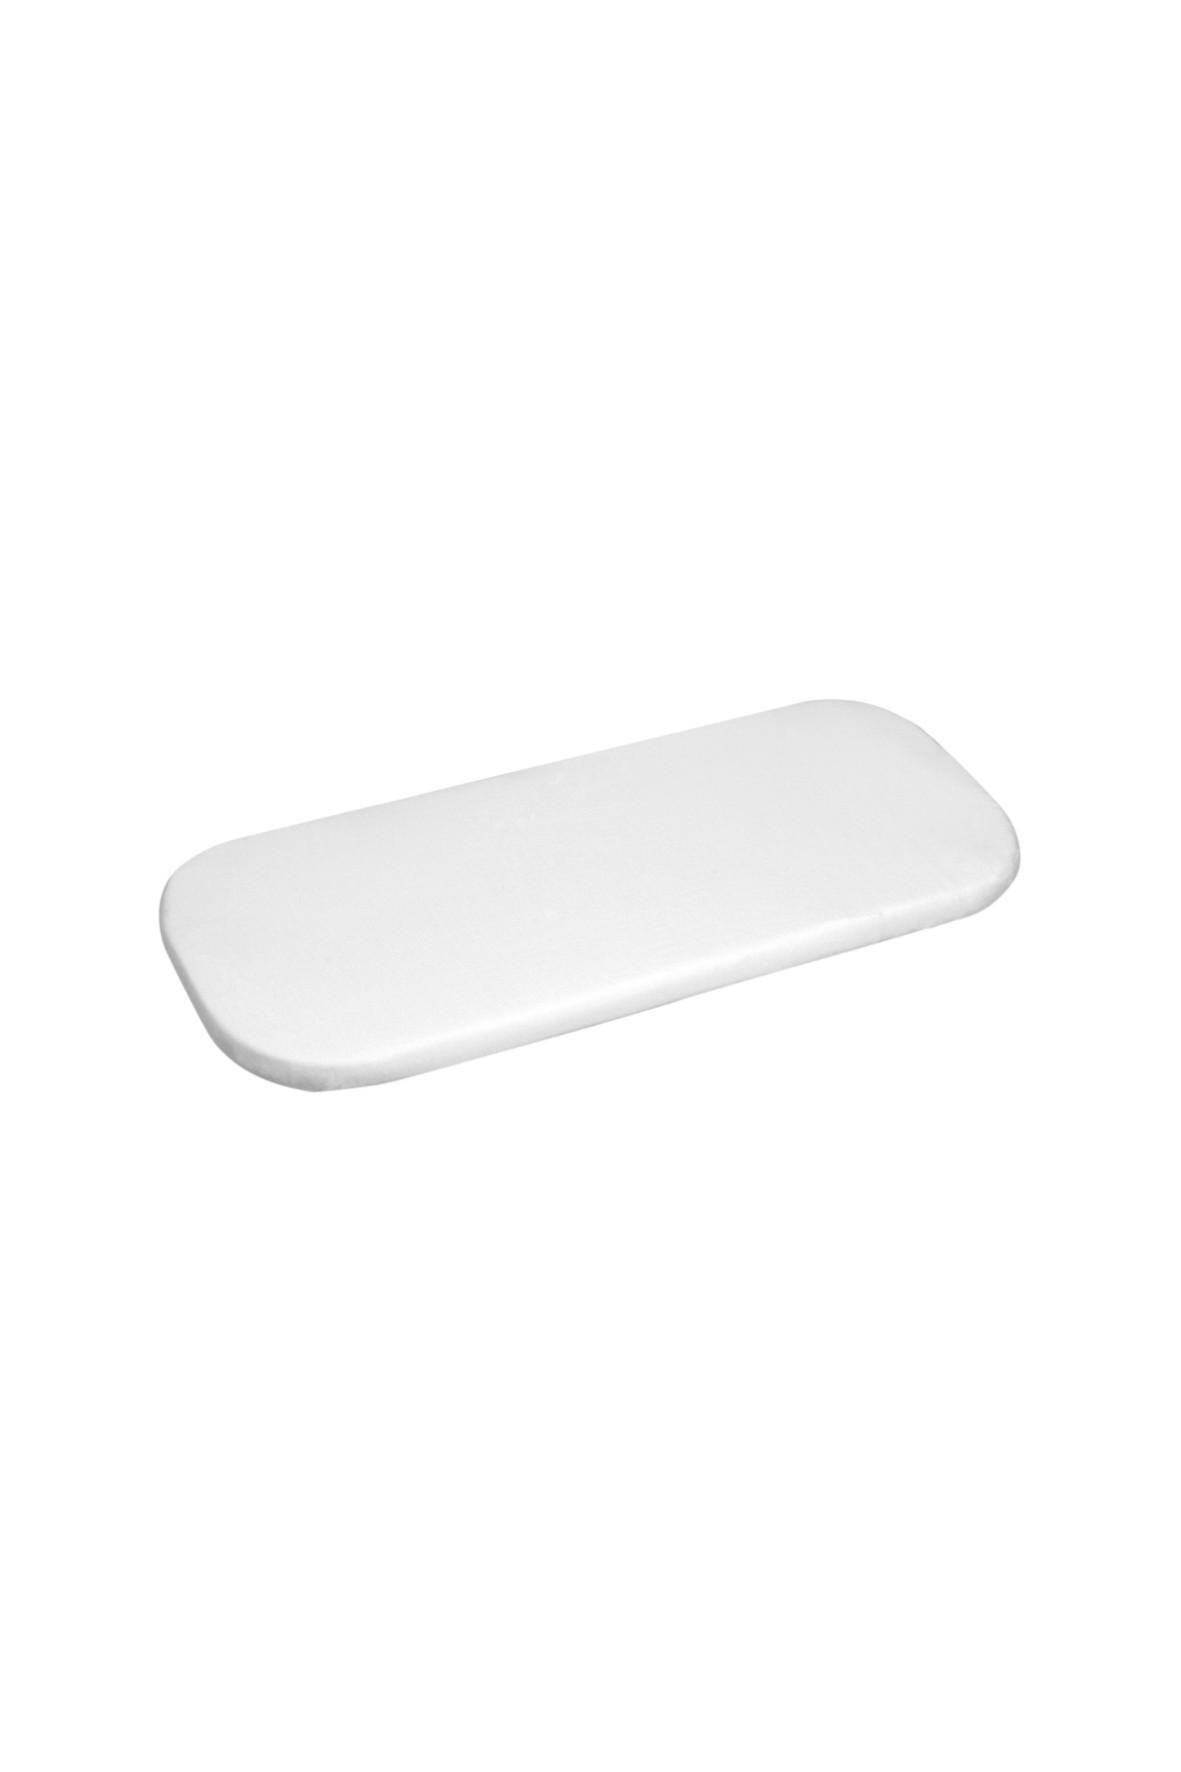 Prześcieradło nieprzemakalne białe 40/50x80/90 cm